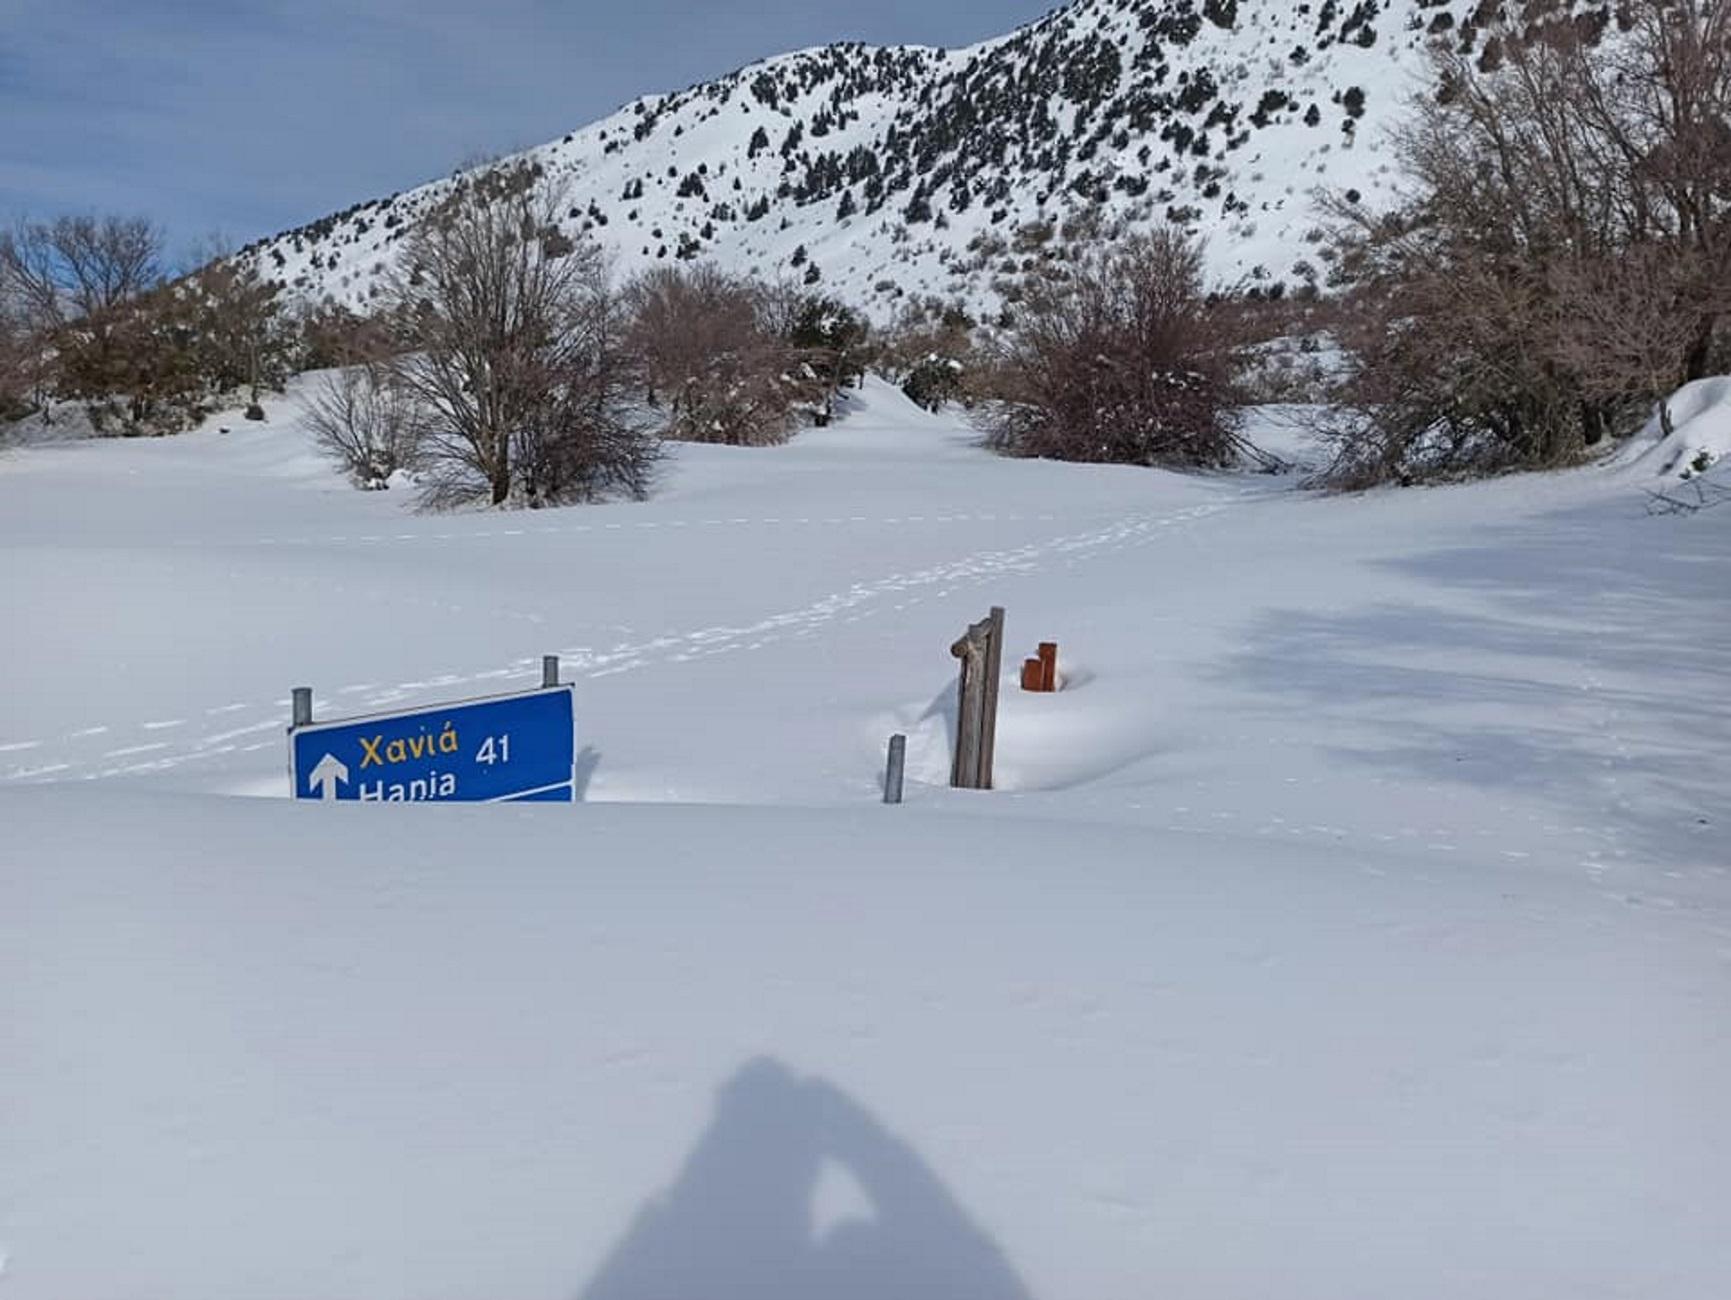 Κρήτη: Περιπέτεια στα χιόνια για παρέα 6 ατόμων! Σε εξέλιξη η επιχείρηση της Πυροσβεστικής